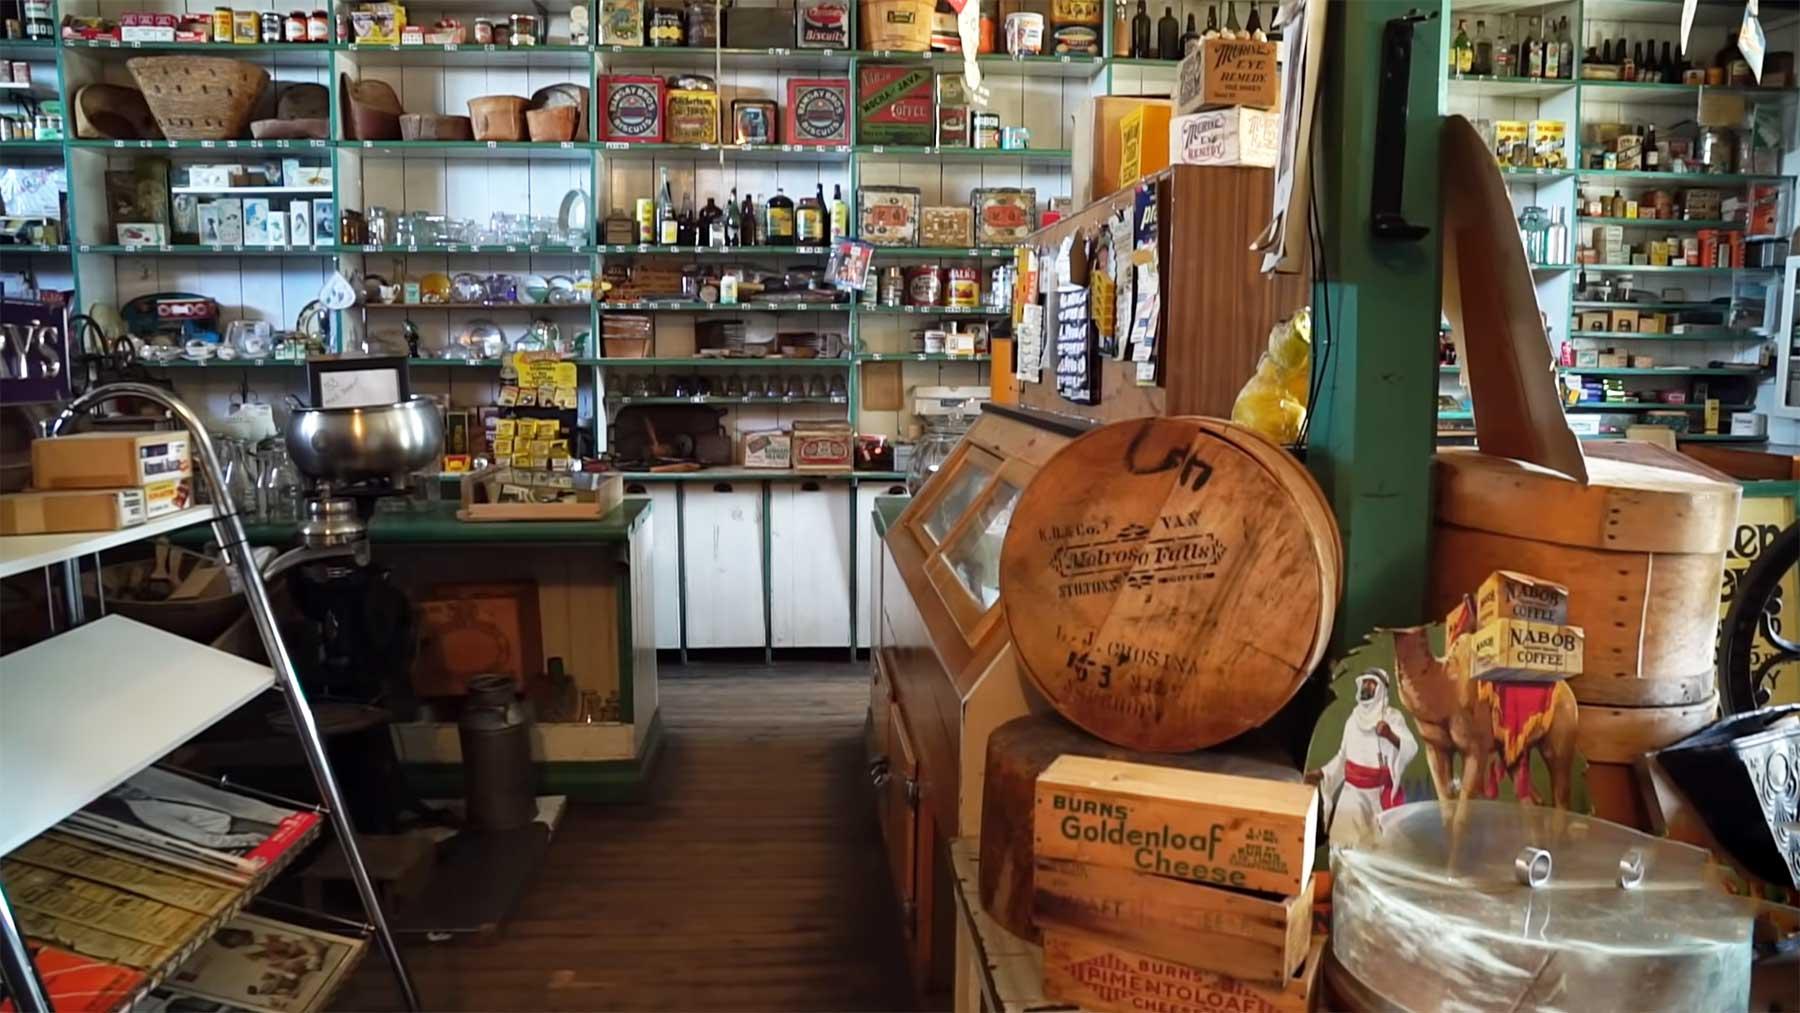 Einblick in einen seit 1963 verlassenen Laden